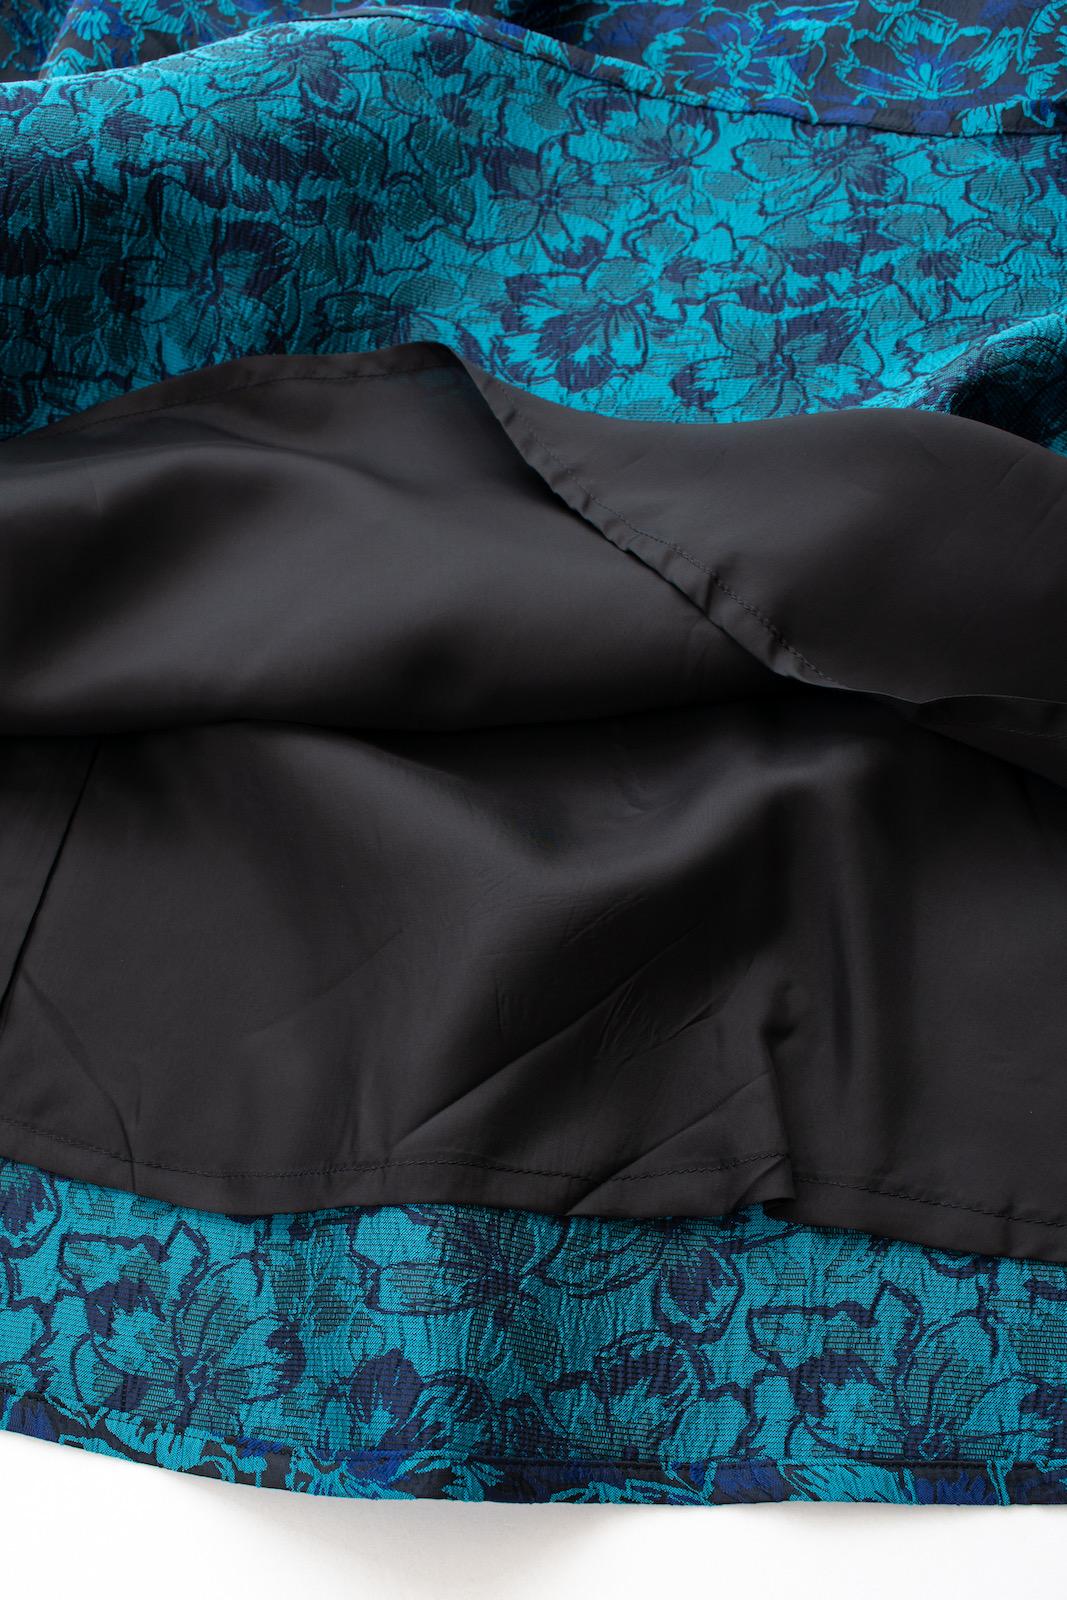 ブルーギャザースカート【残り1点】